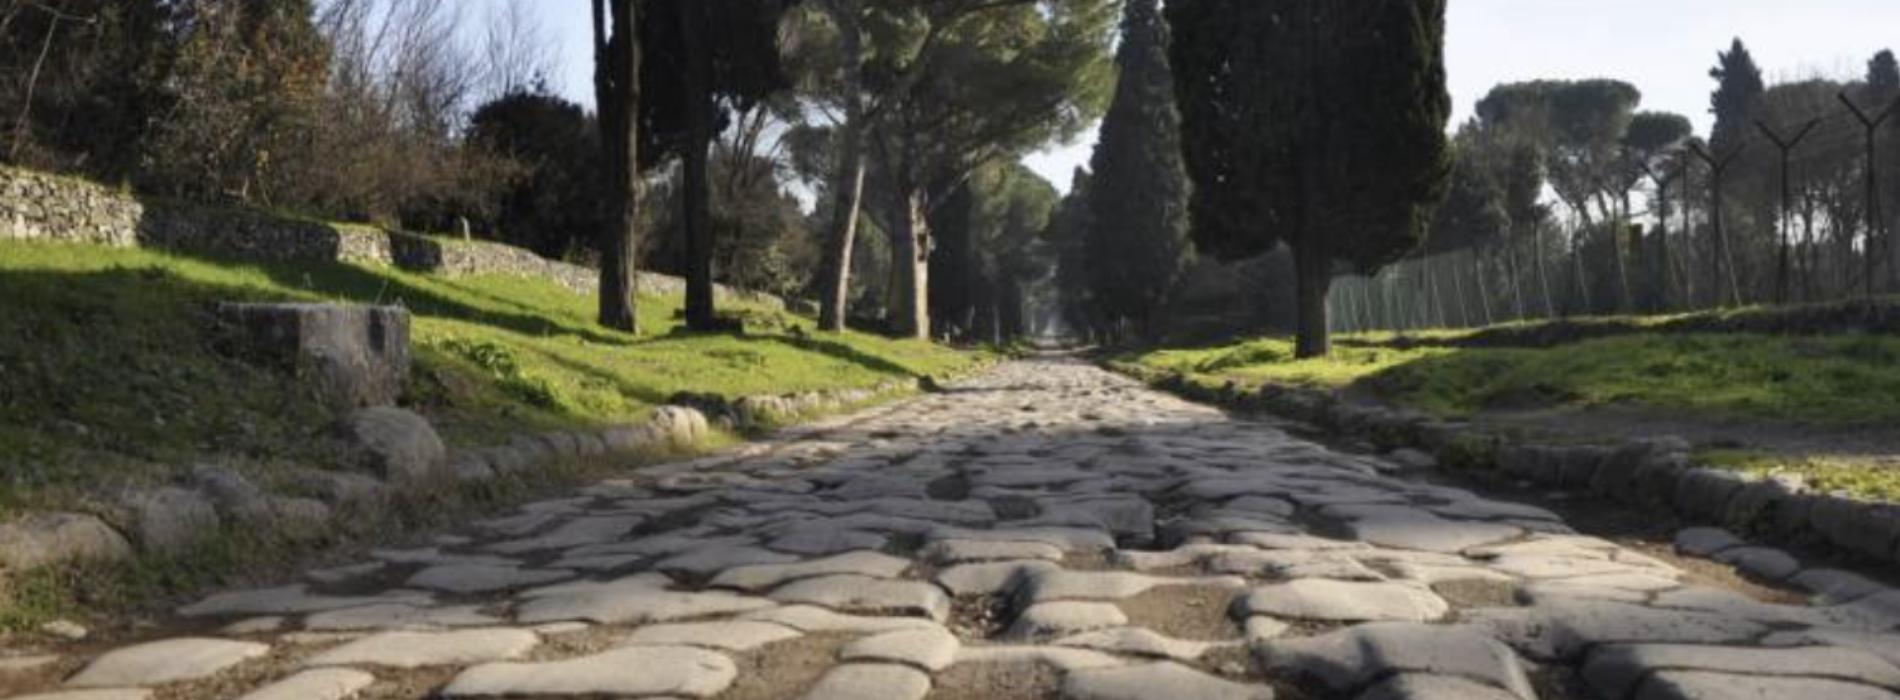 Appia Day, una domenica da 10 eventi per riscoprire il territorio